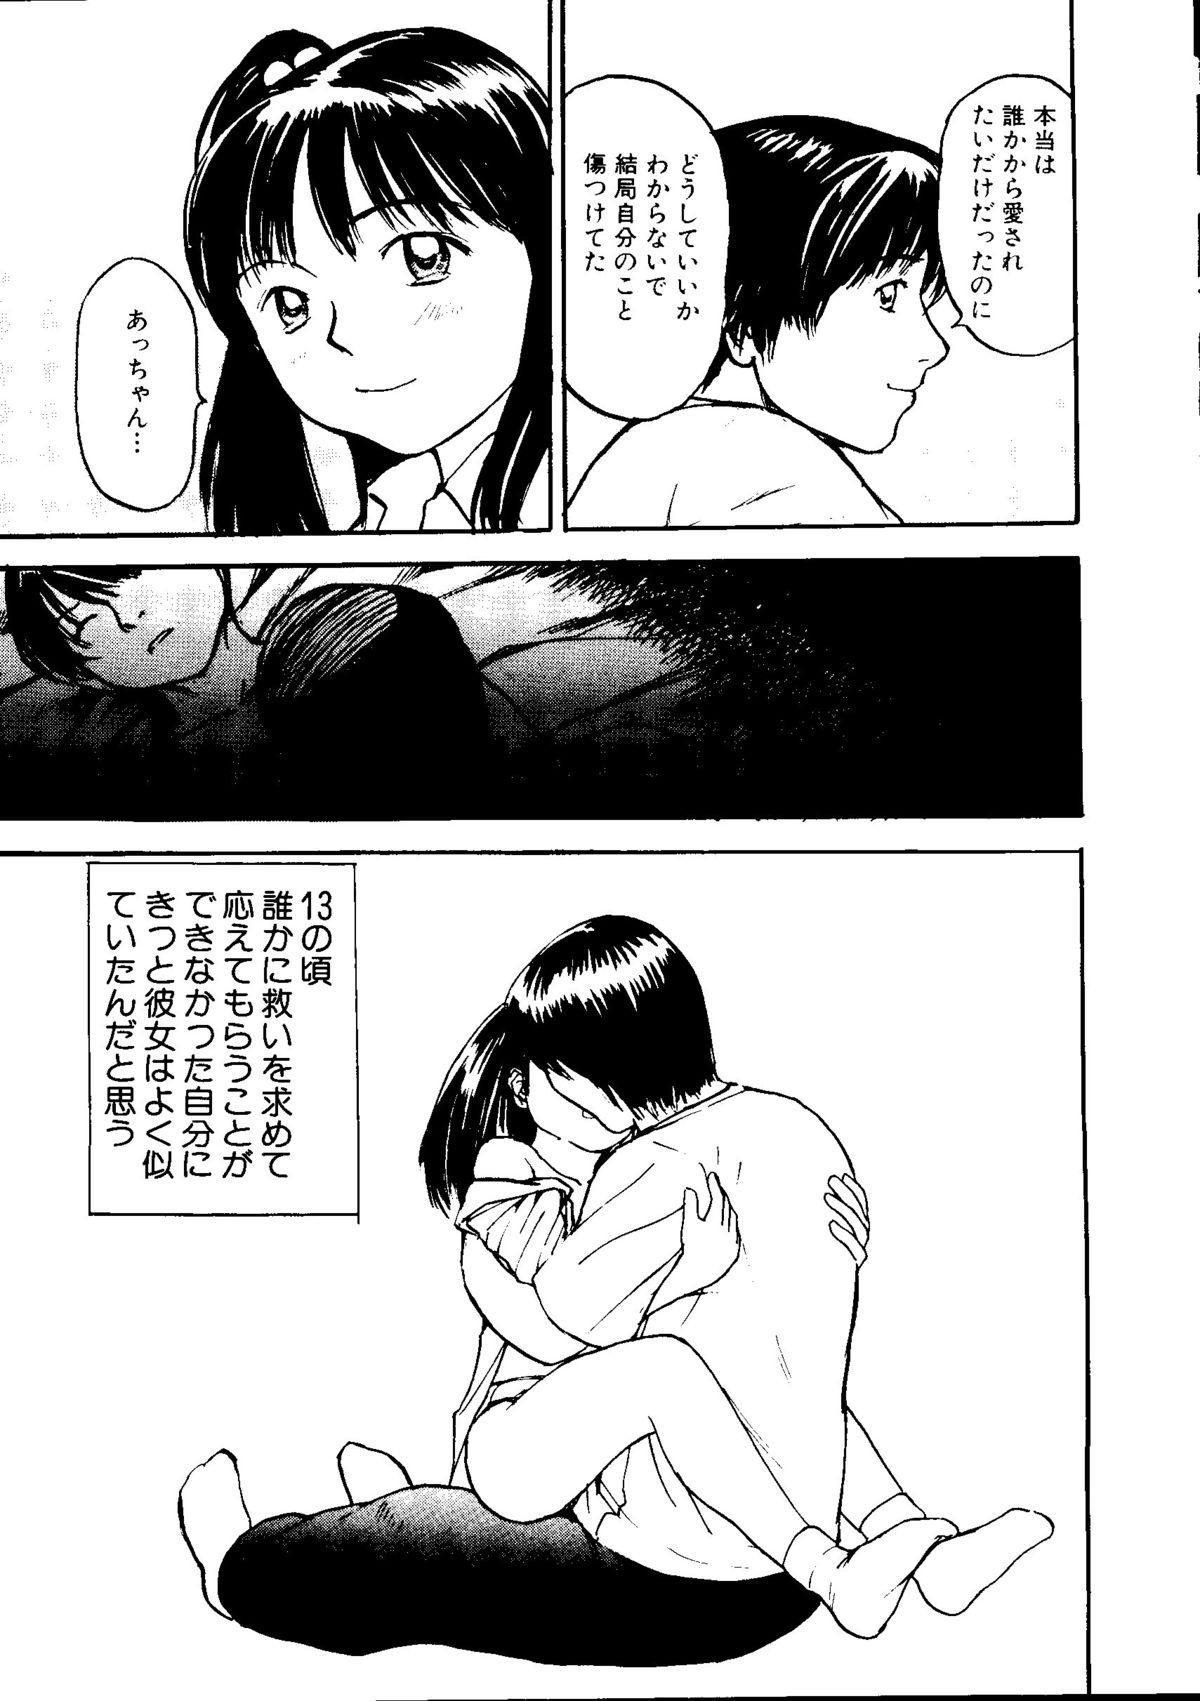 Mujirushi Youhin Vol. 7 157